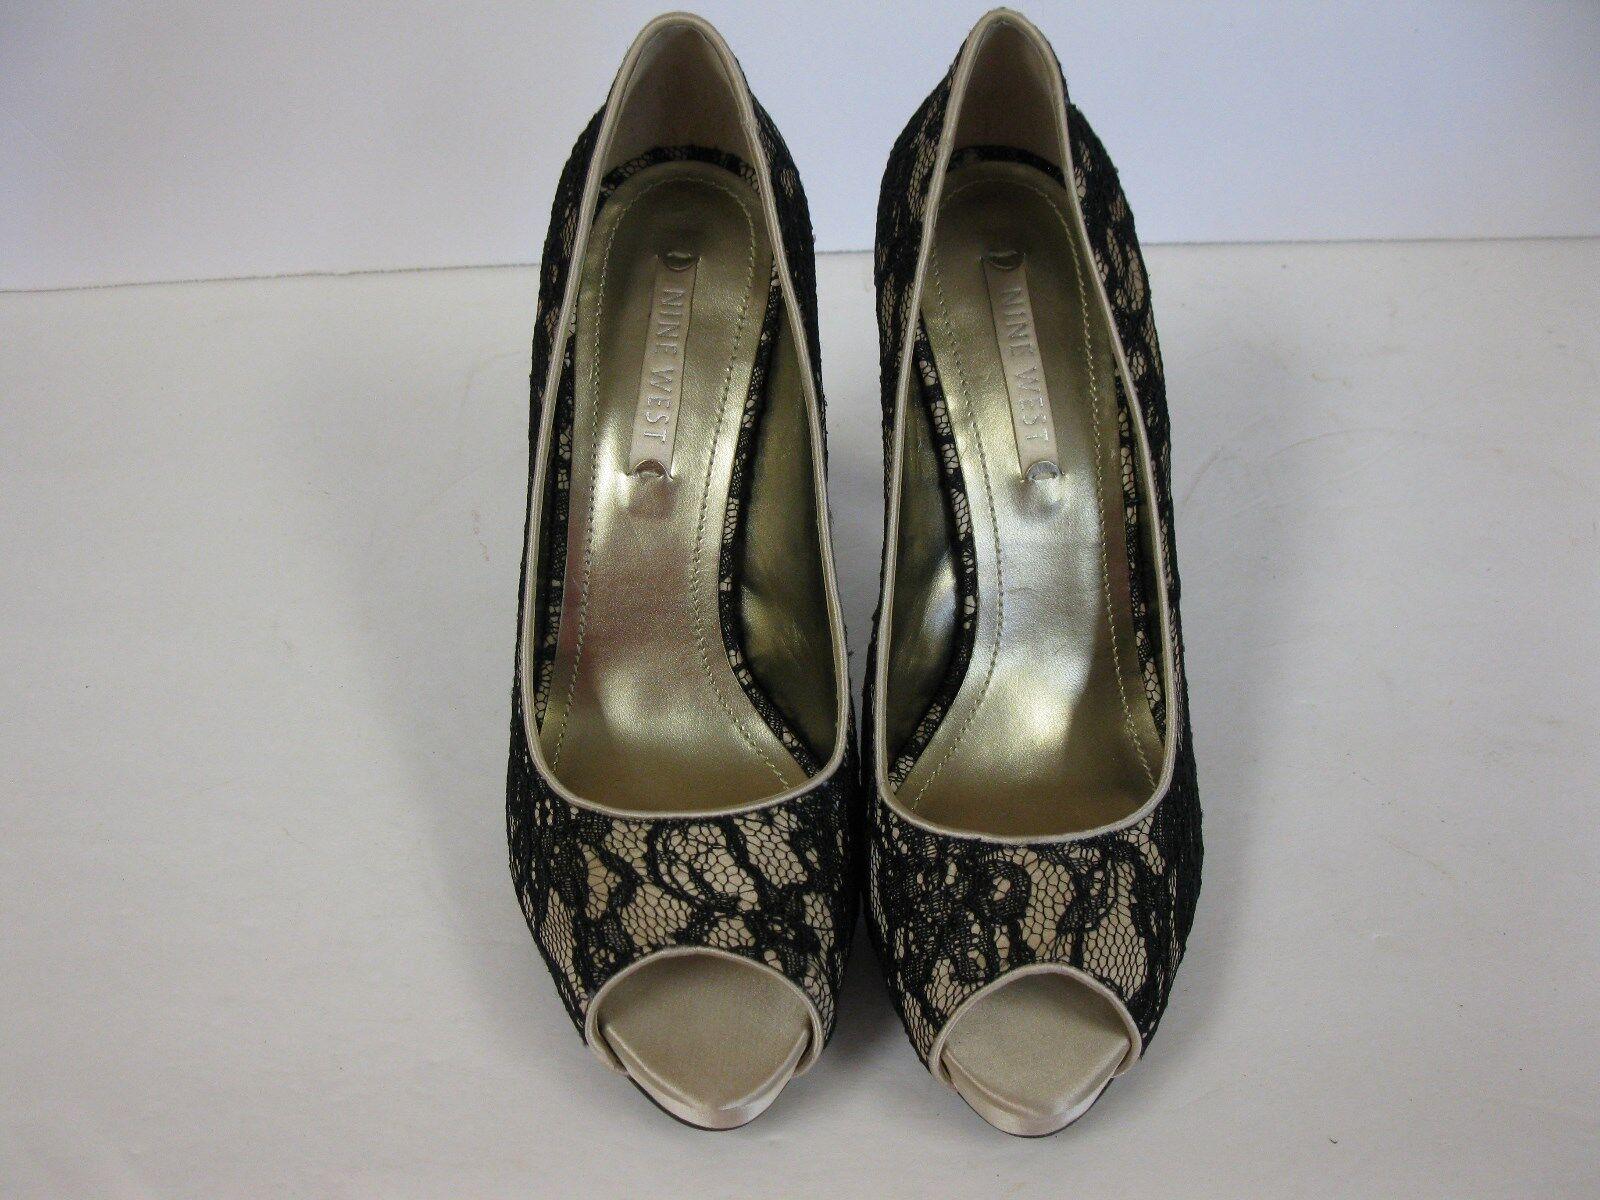 Nine West shoes Heel Classic Pump Lace Black Open Toes Size 10 M